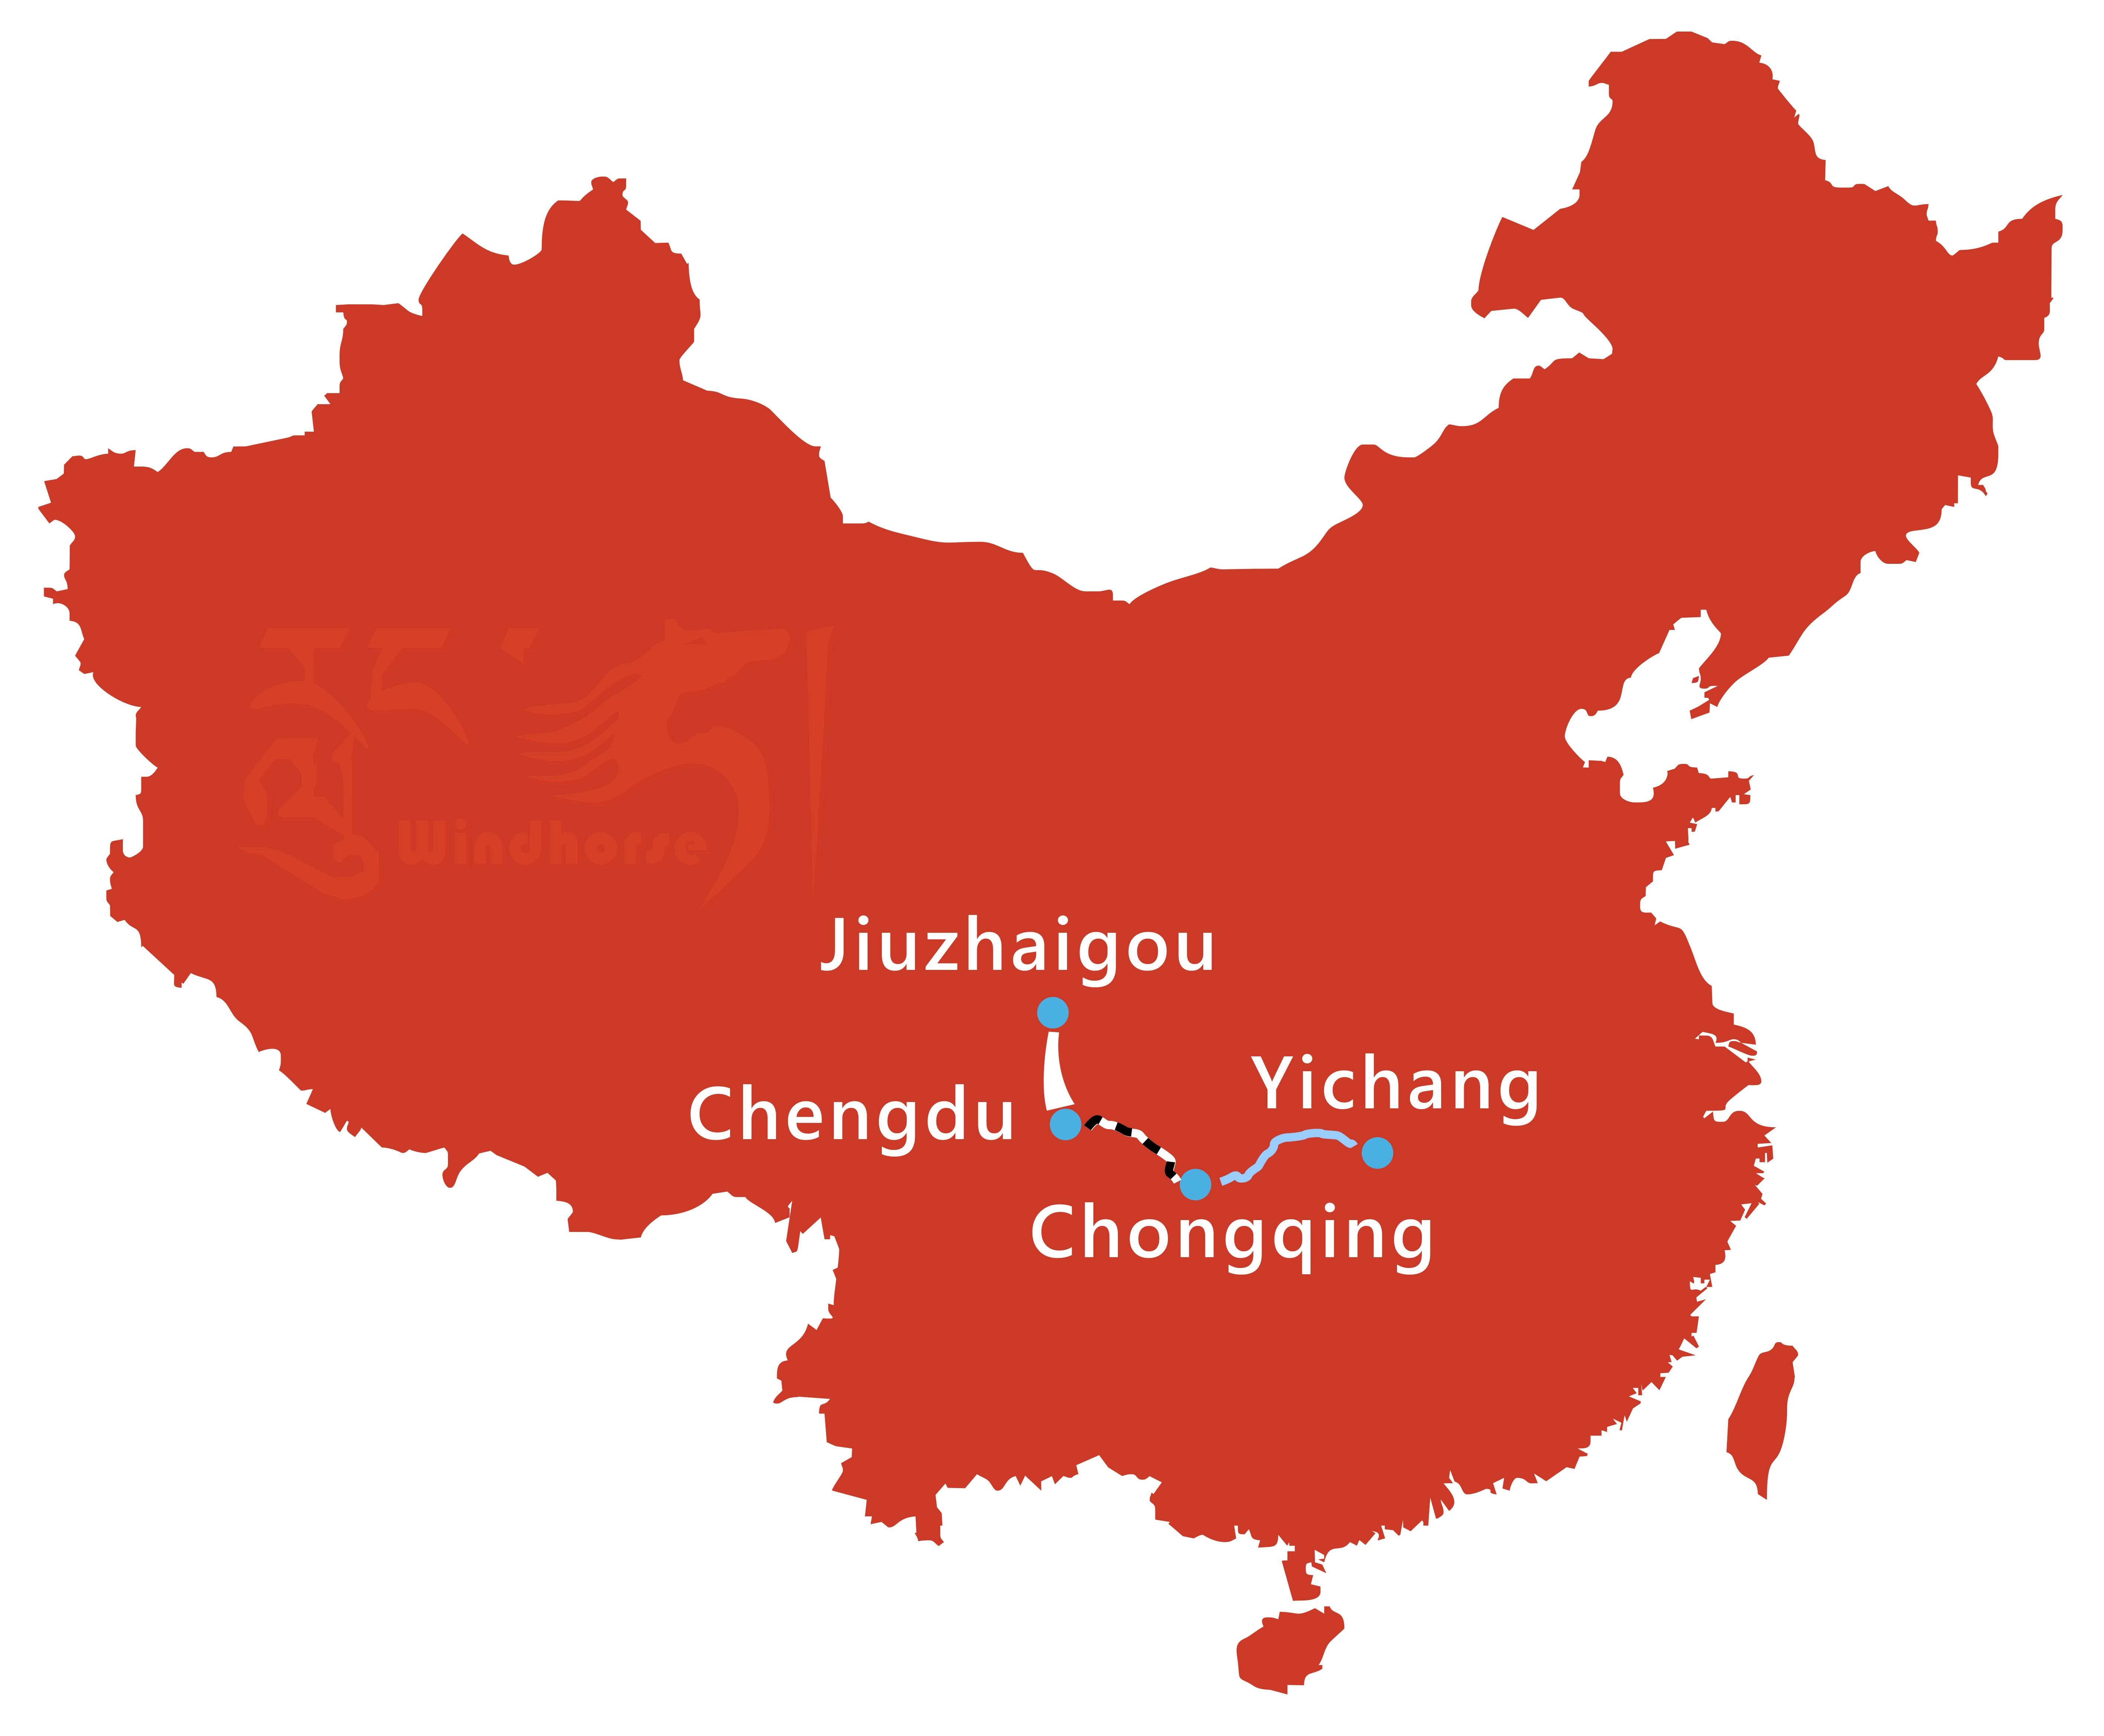 Chengdu Jiuzhaigou Yangtze Cruise Tour Route